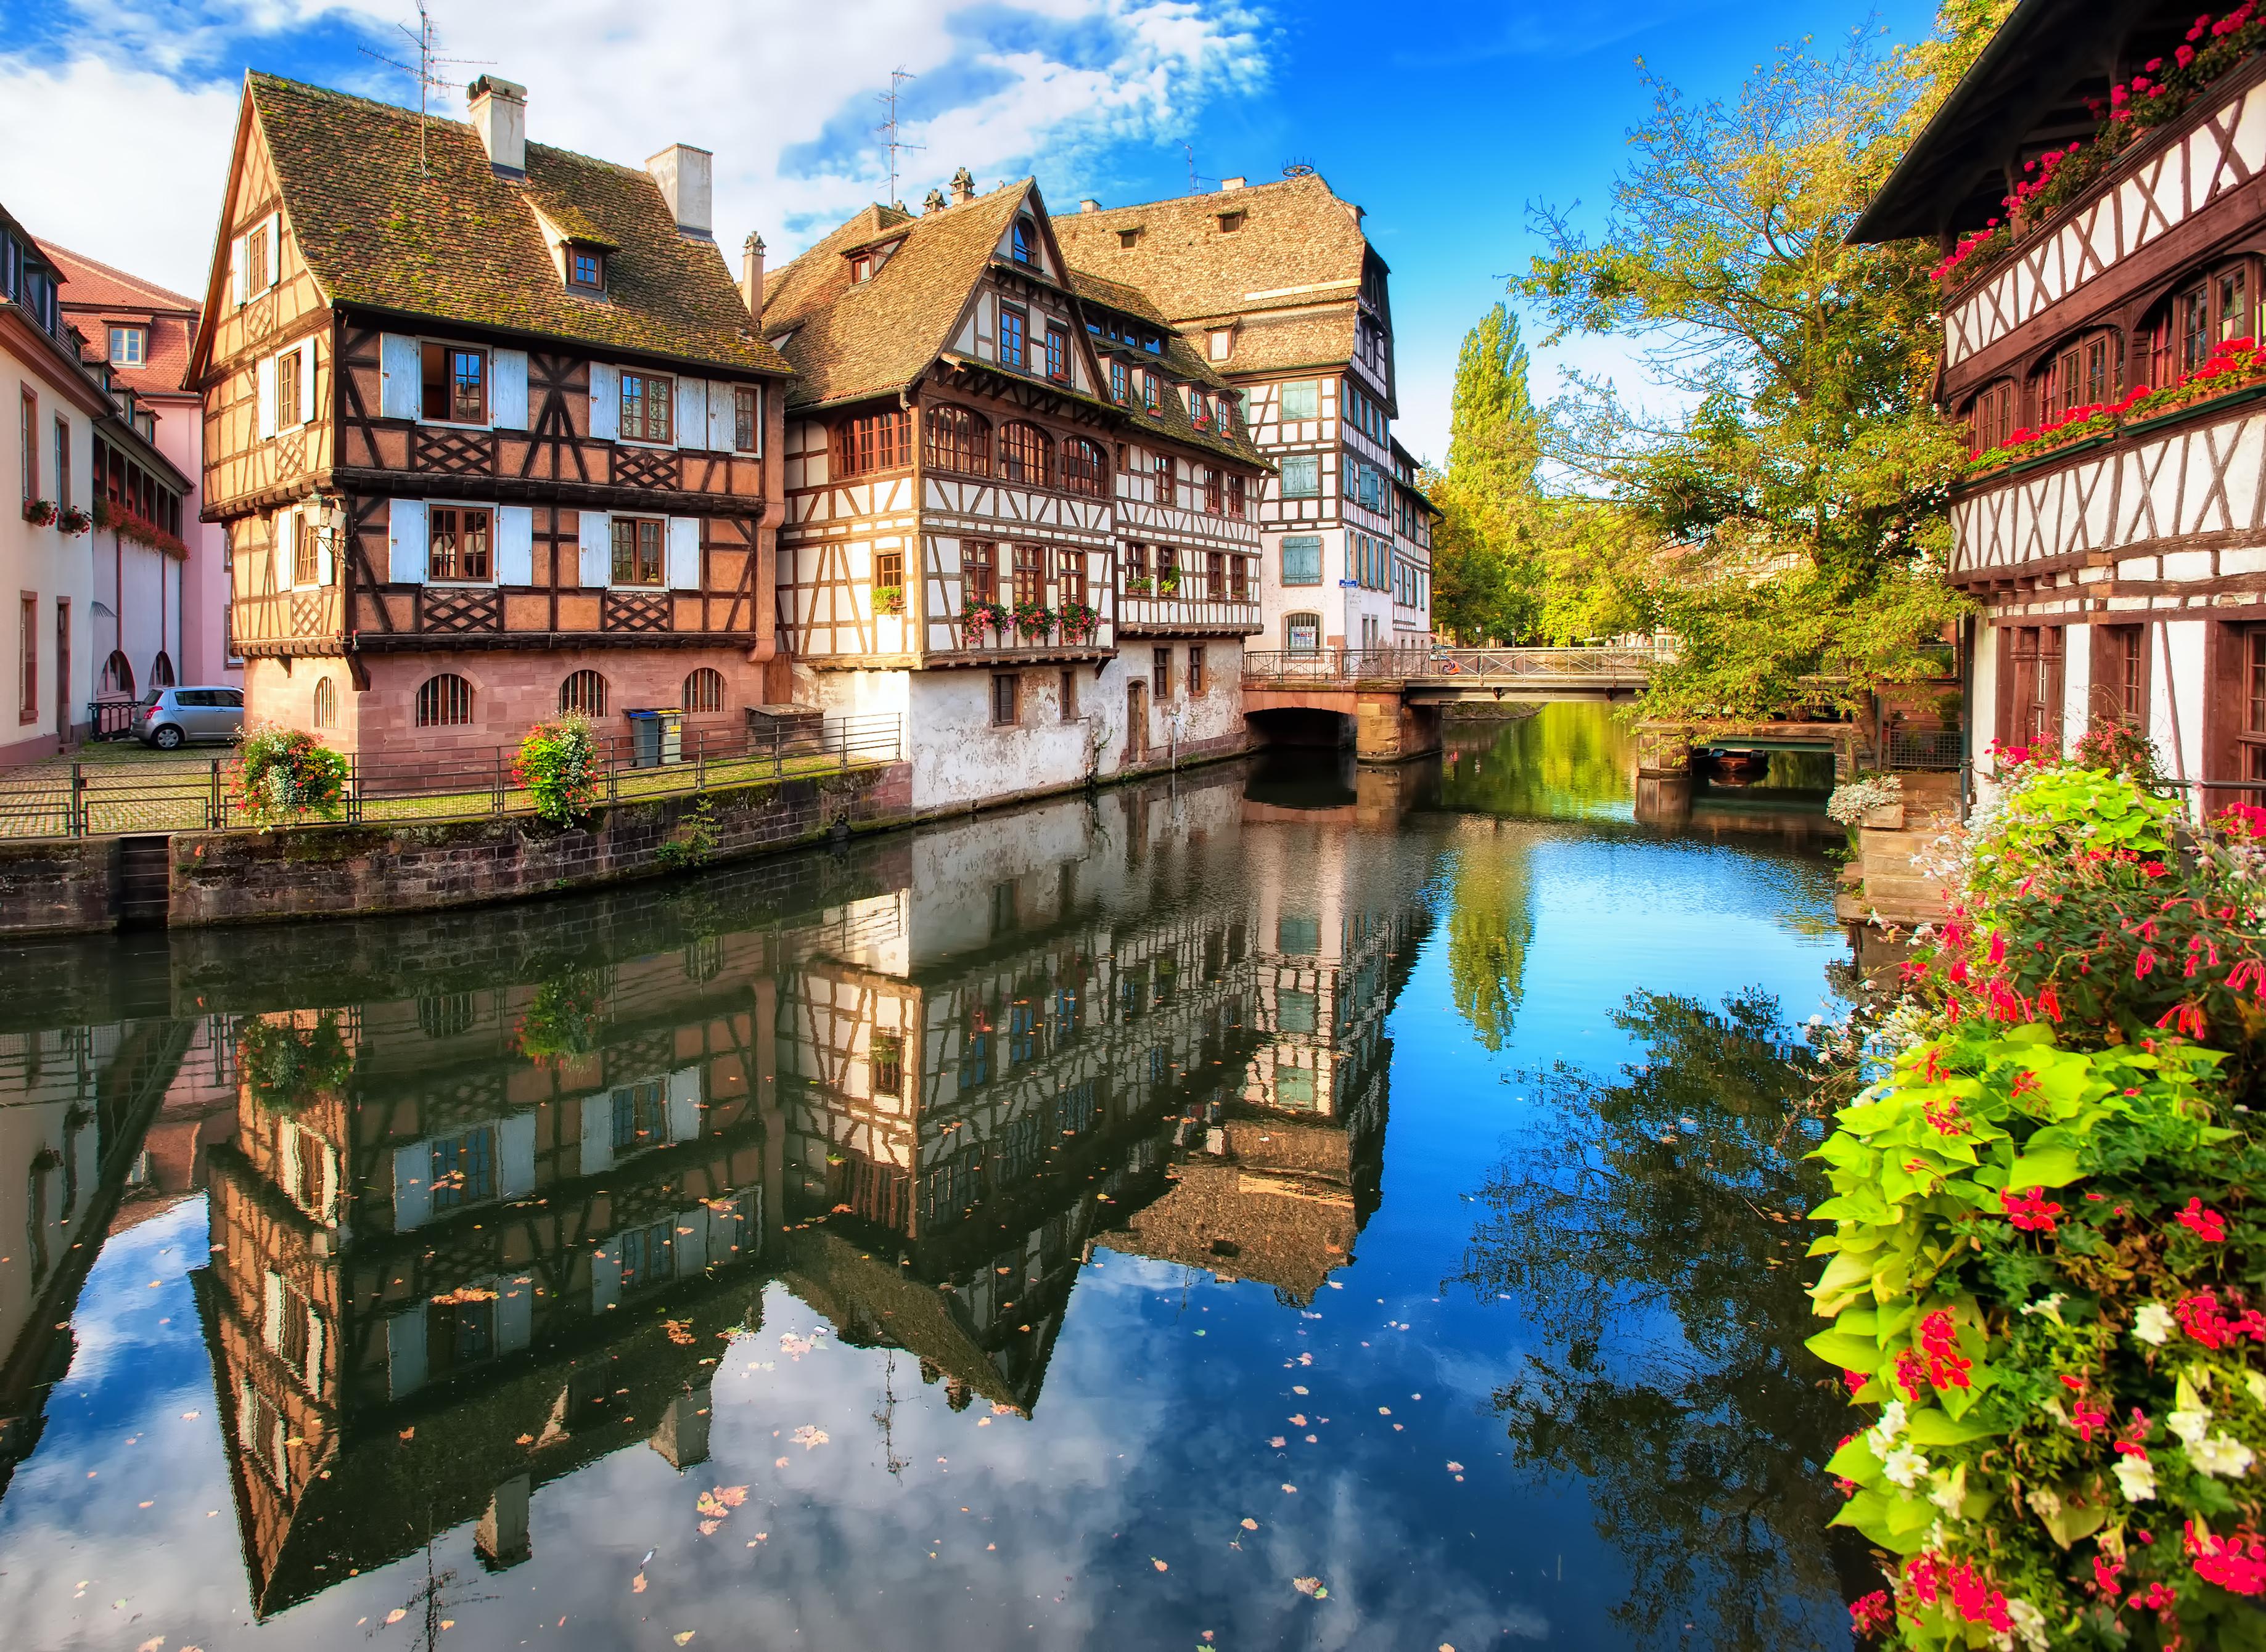 Descubre el corazón de Estrasburgo a golpe de pedalada - Alemania Circuito Ruta Romántica, Selva Negra y Alsacia